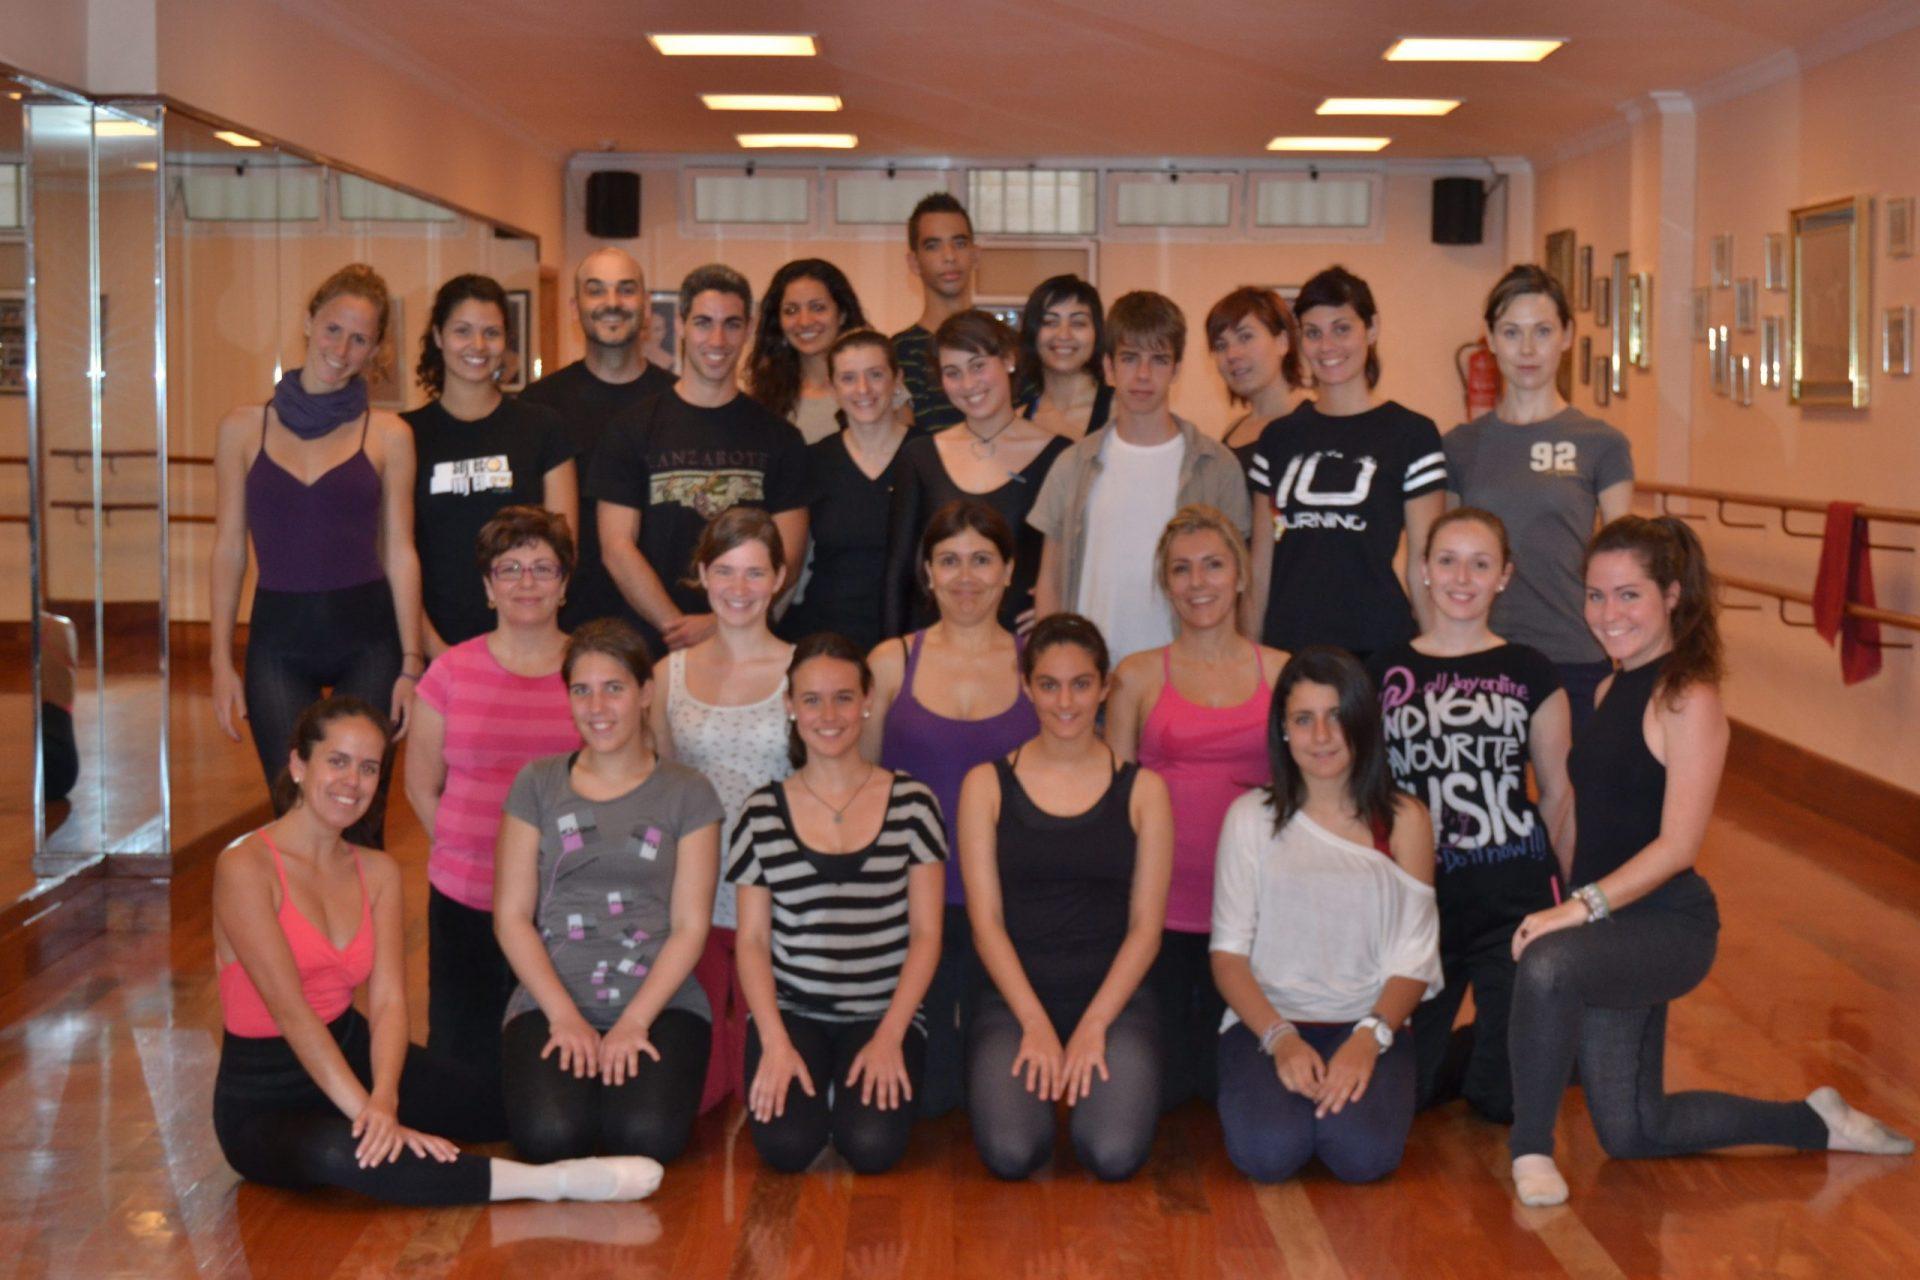 Foto posando en el Centro de Danza Sandra Santa Cruz del un grupo de bailarines que bailará  en el Flashmob en la Escuela Oficial de Idiomas de Las Palmas II.